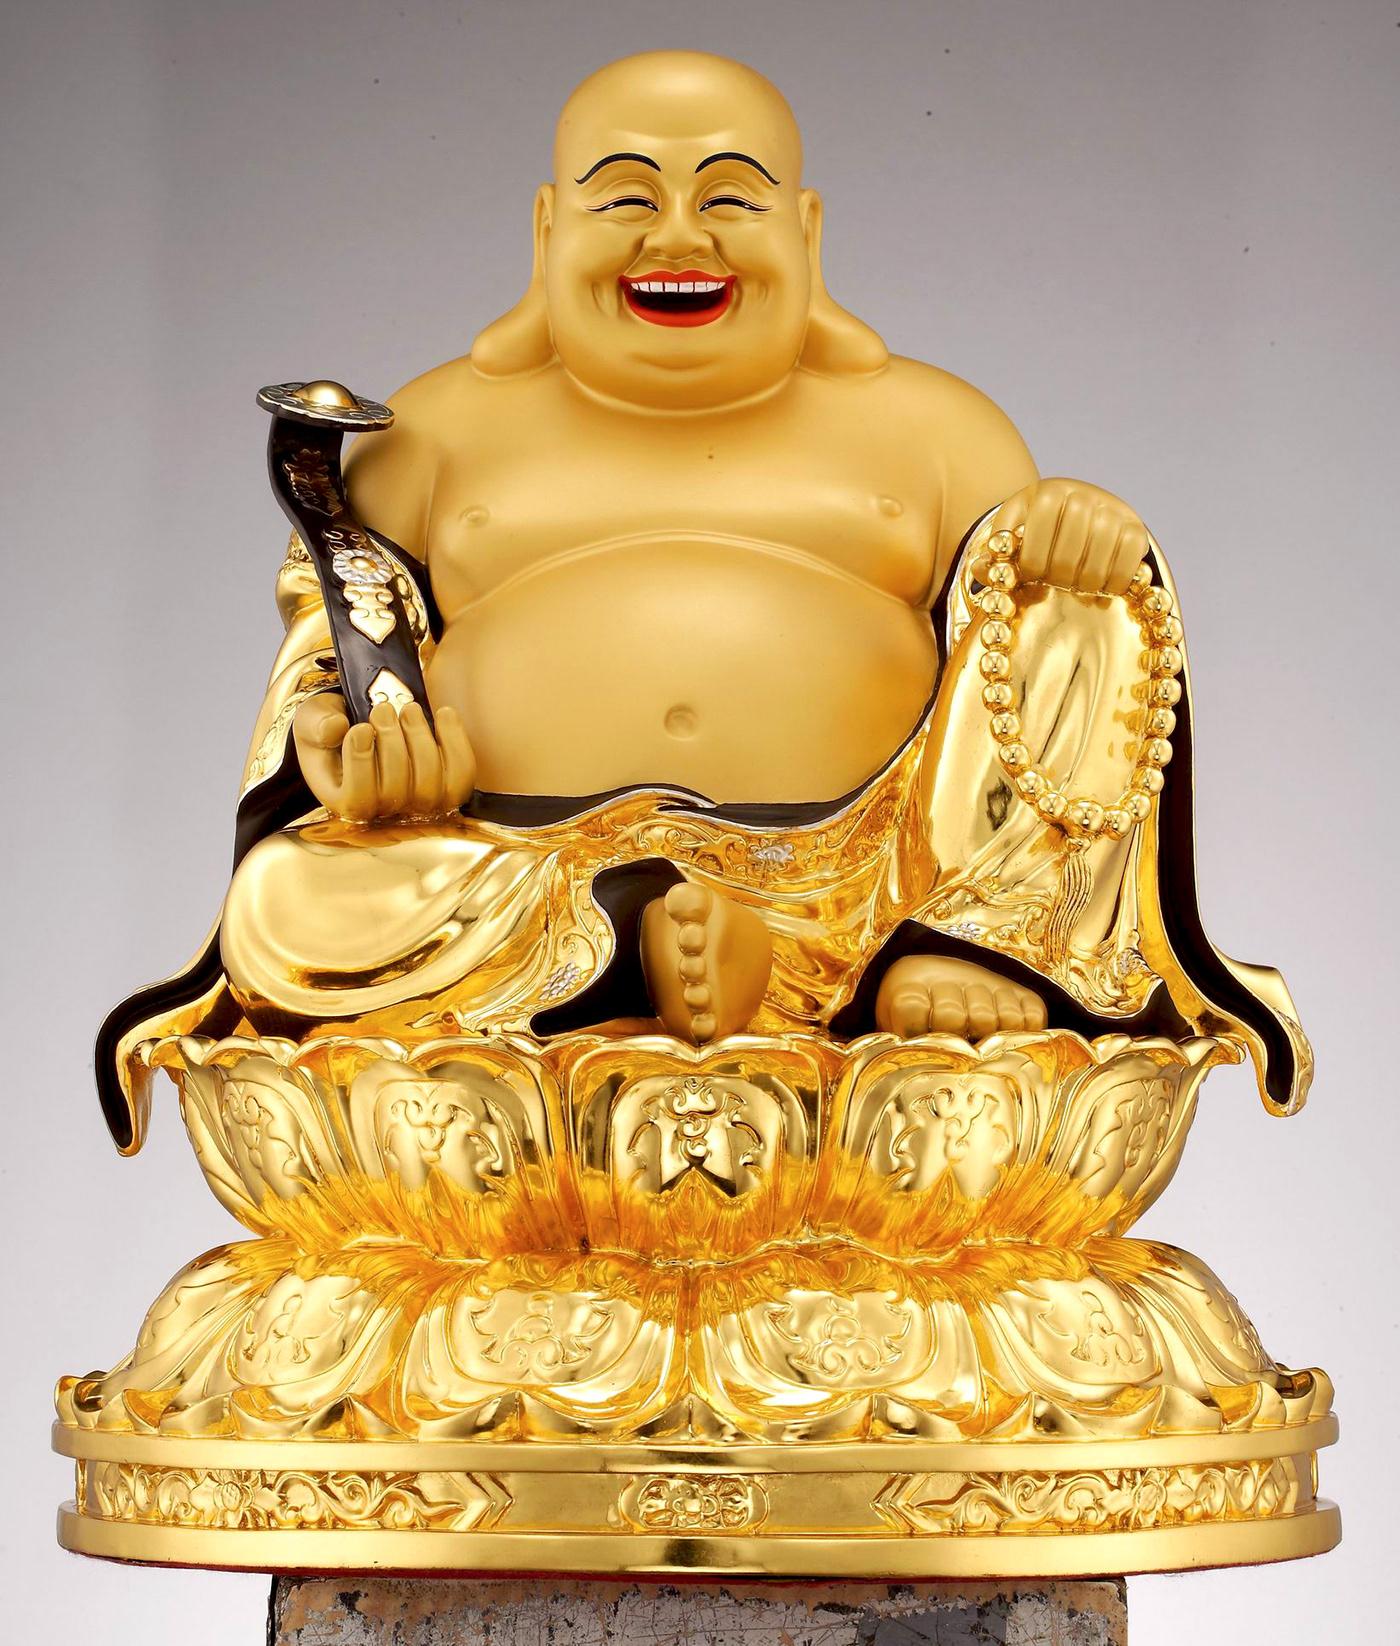 Ảnh Đức Phật Di lặc đẹp